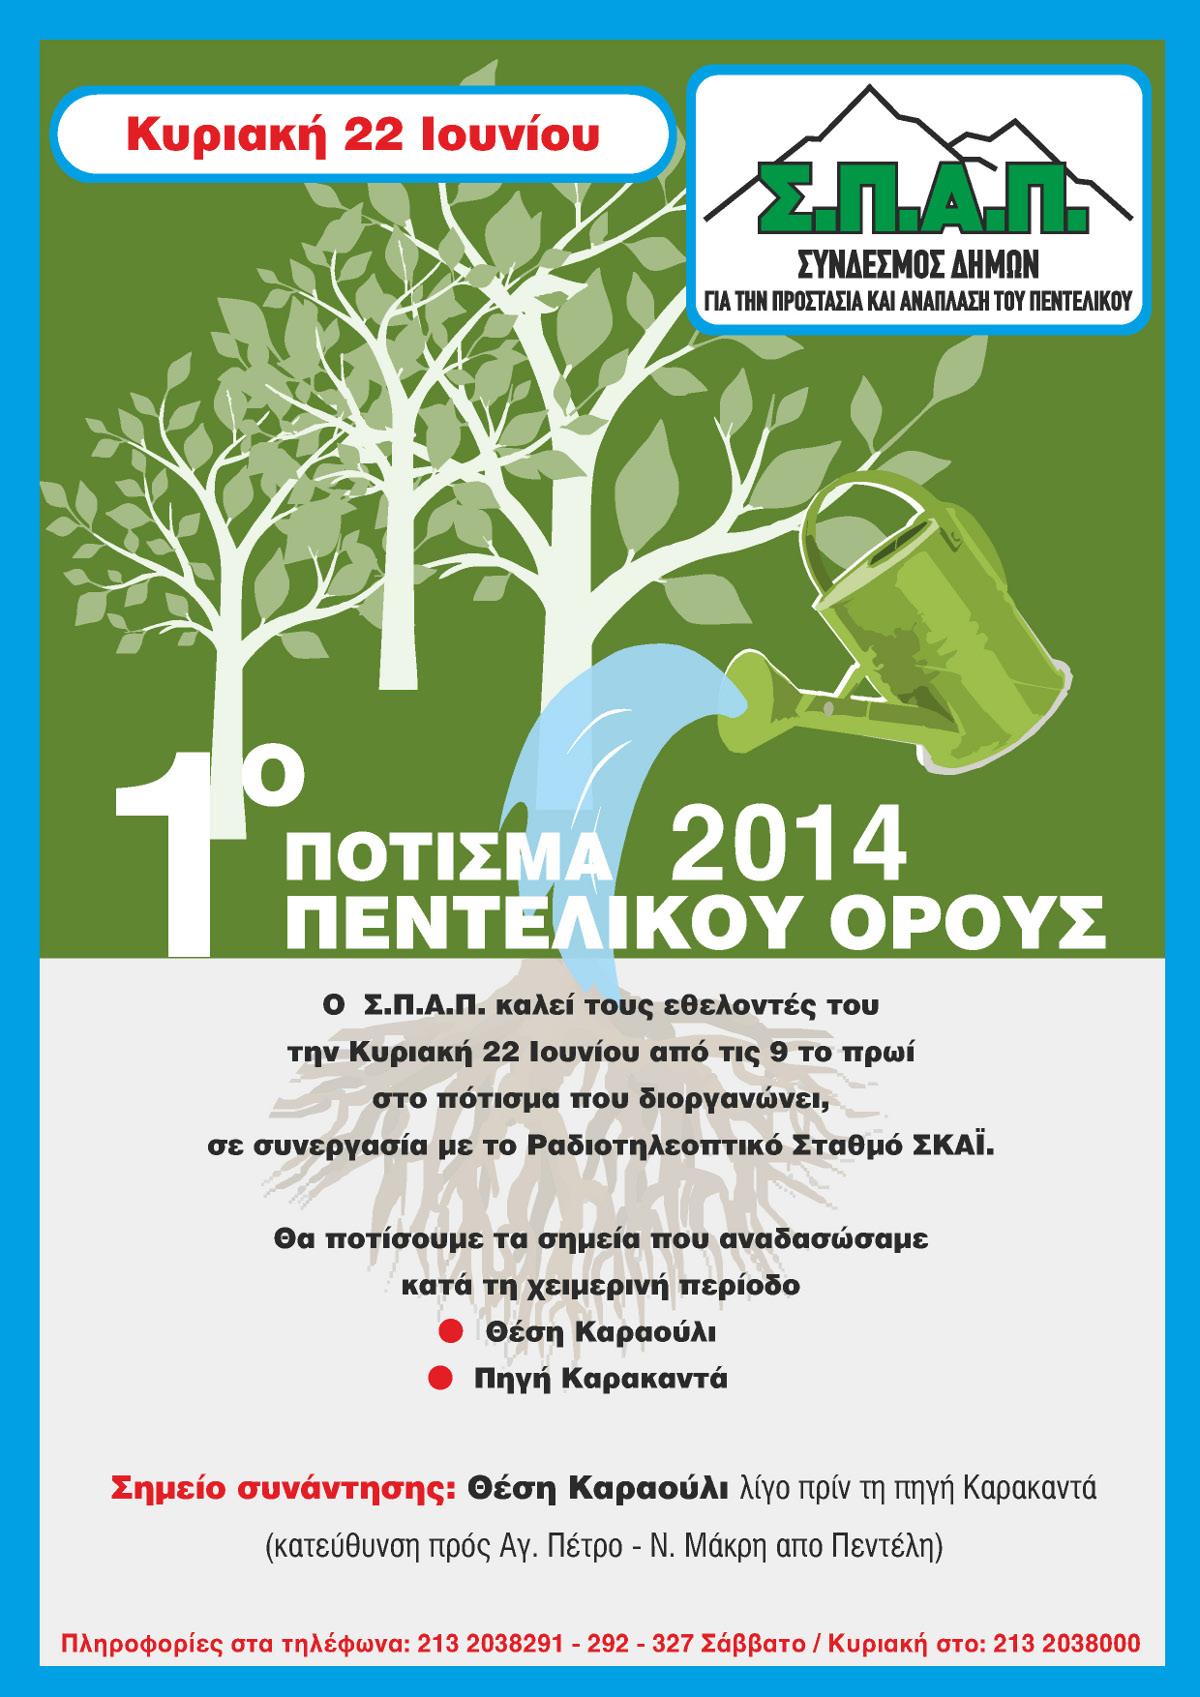 1oethelontikospap2014